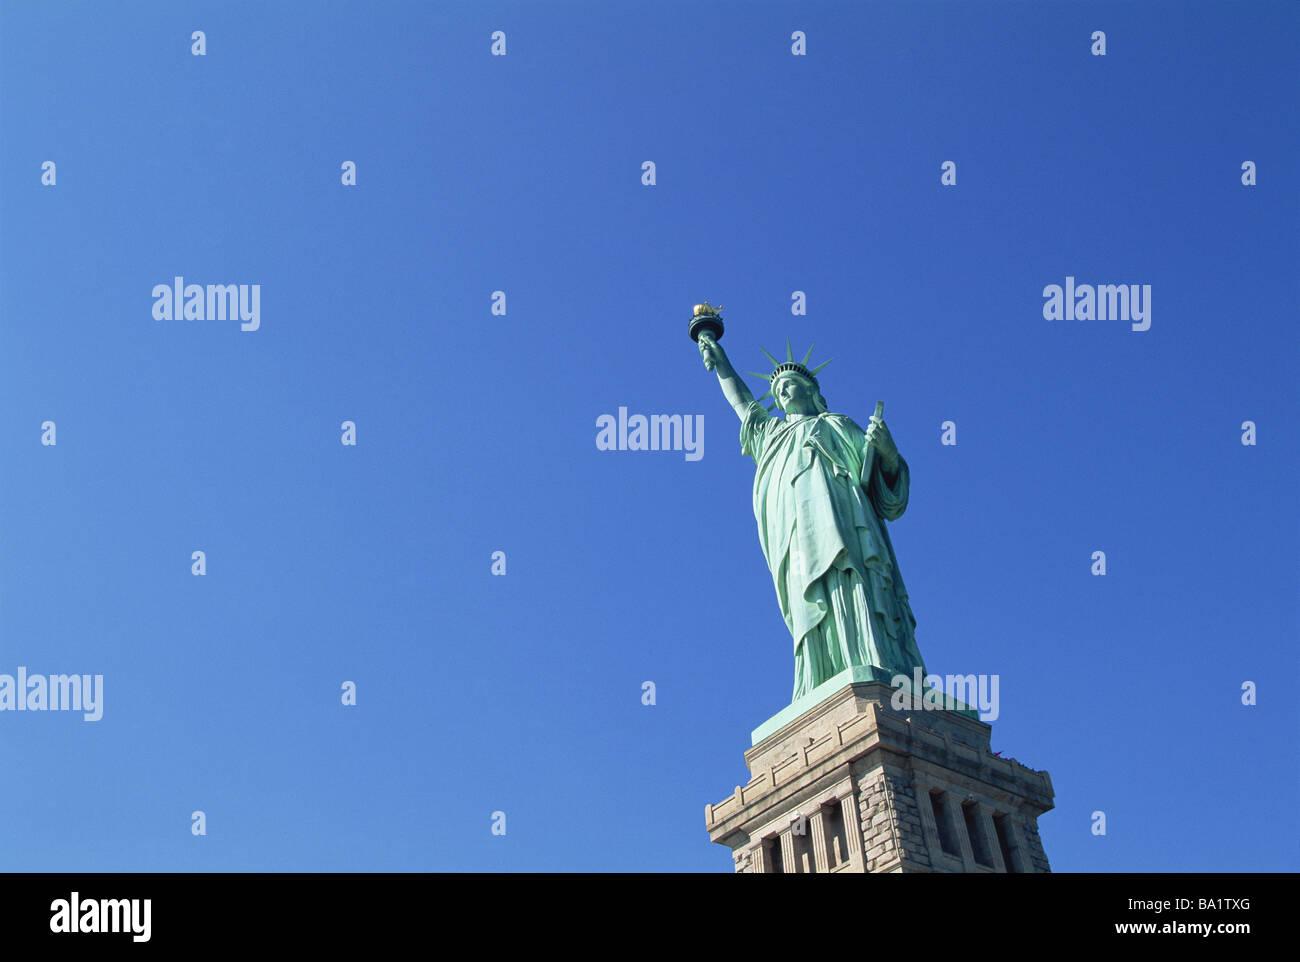 Großzügig Freiheitsstatue Färbung Seite Galerie - Entry Level Resume ...